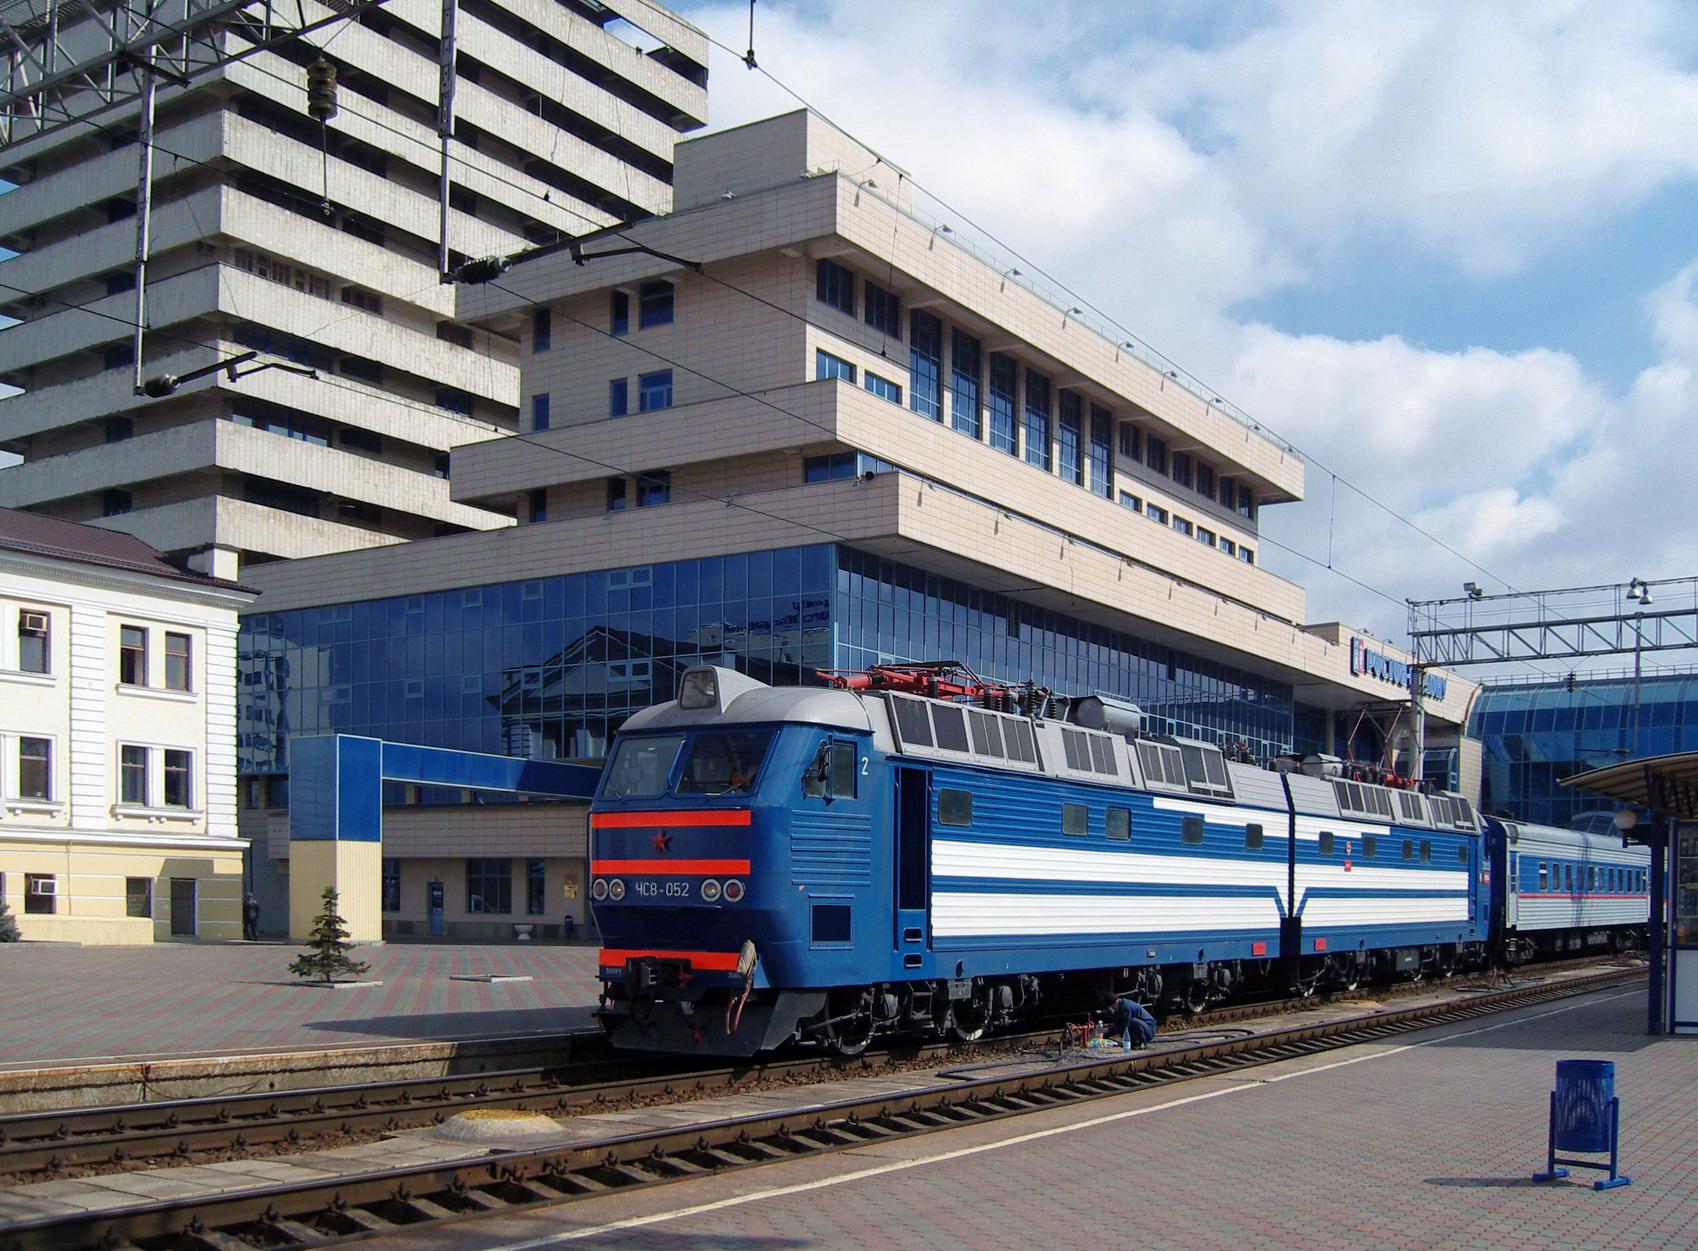 Na Foto: Sistema de transporte de Rostov. Rostov possui um excelente sistema de transporte de Trens e ônibus. Créditos: Wikipedia